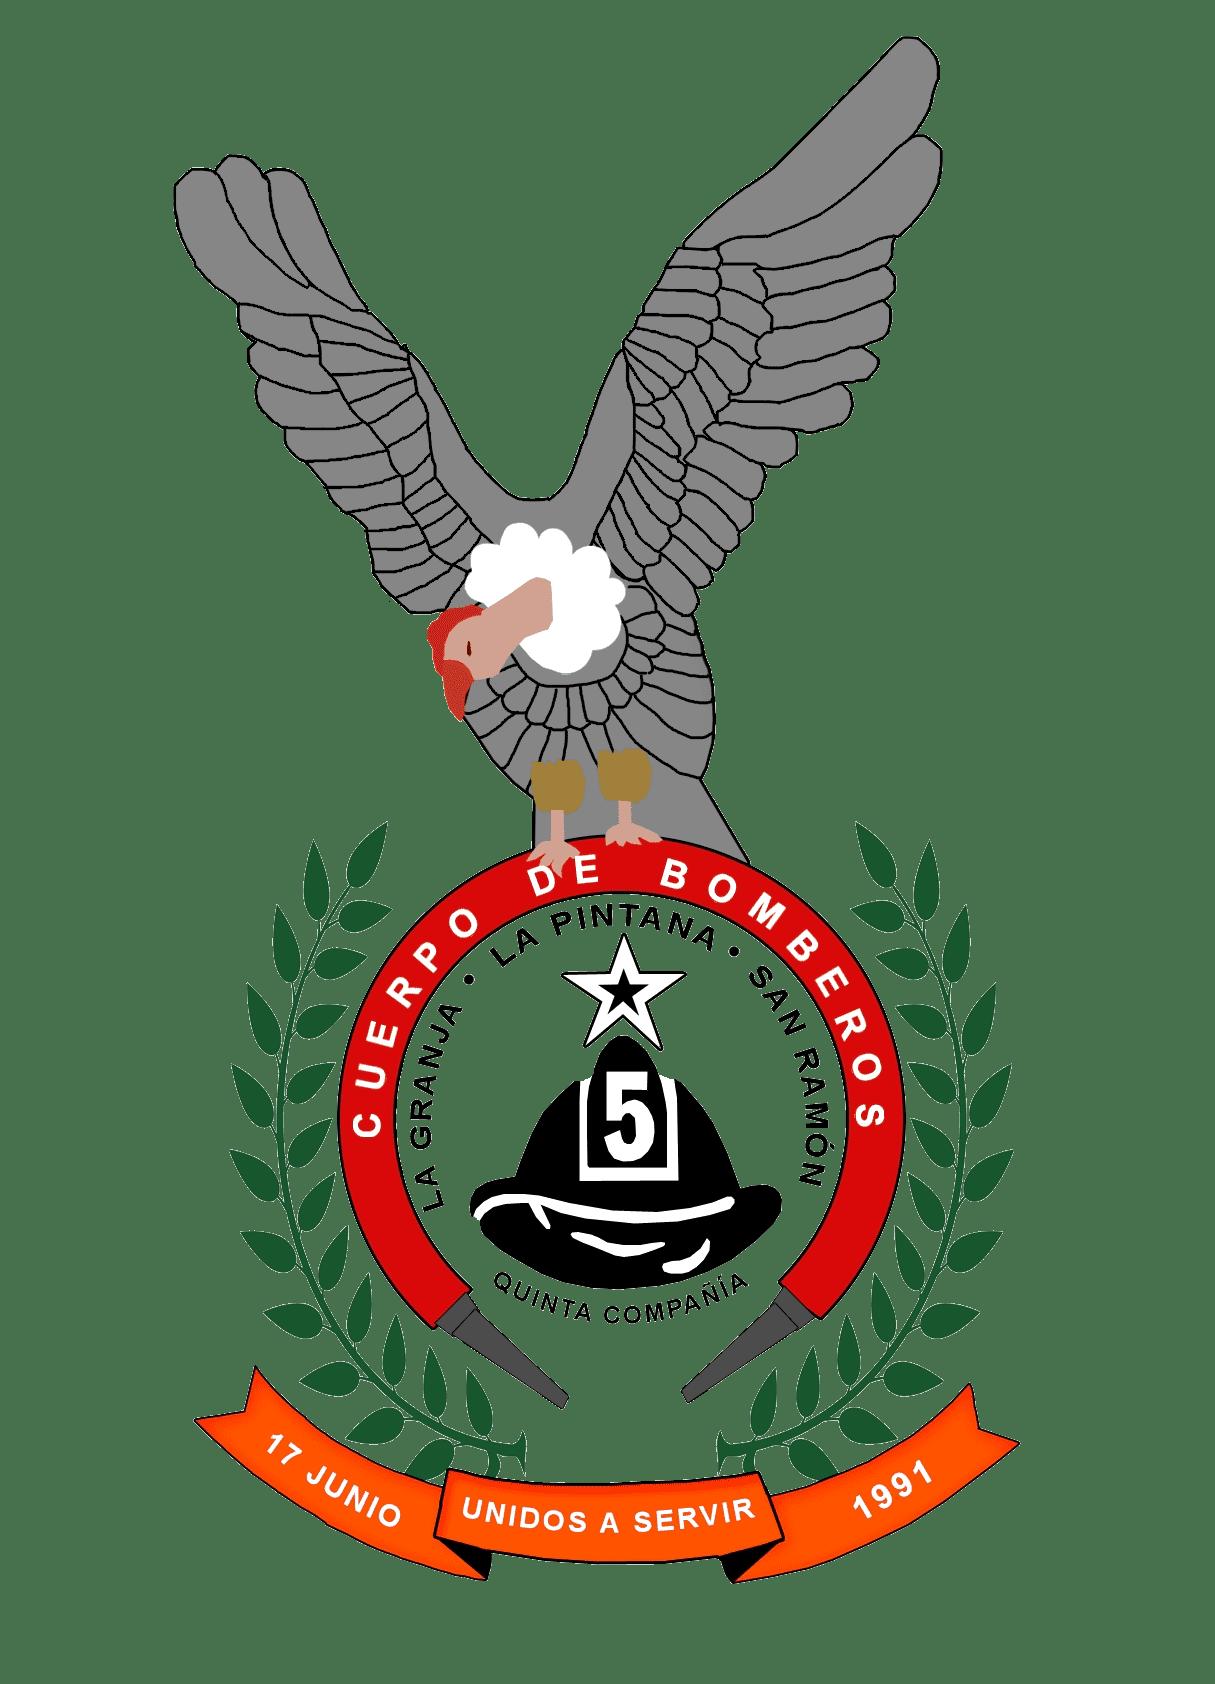 5ta Compañía Bomberos La Granja - La Pintana - San Ramón